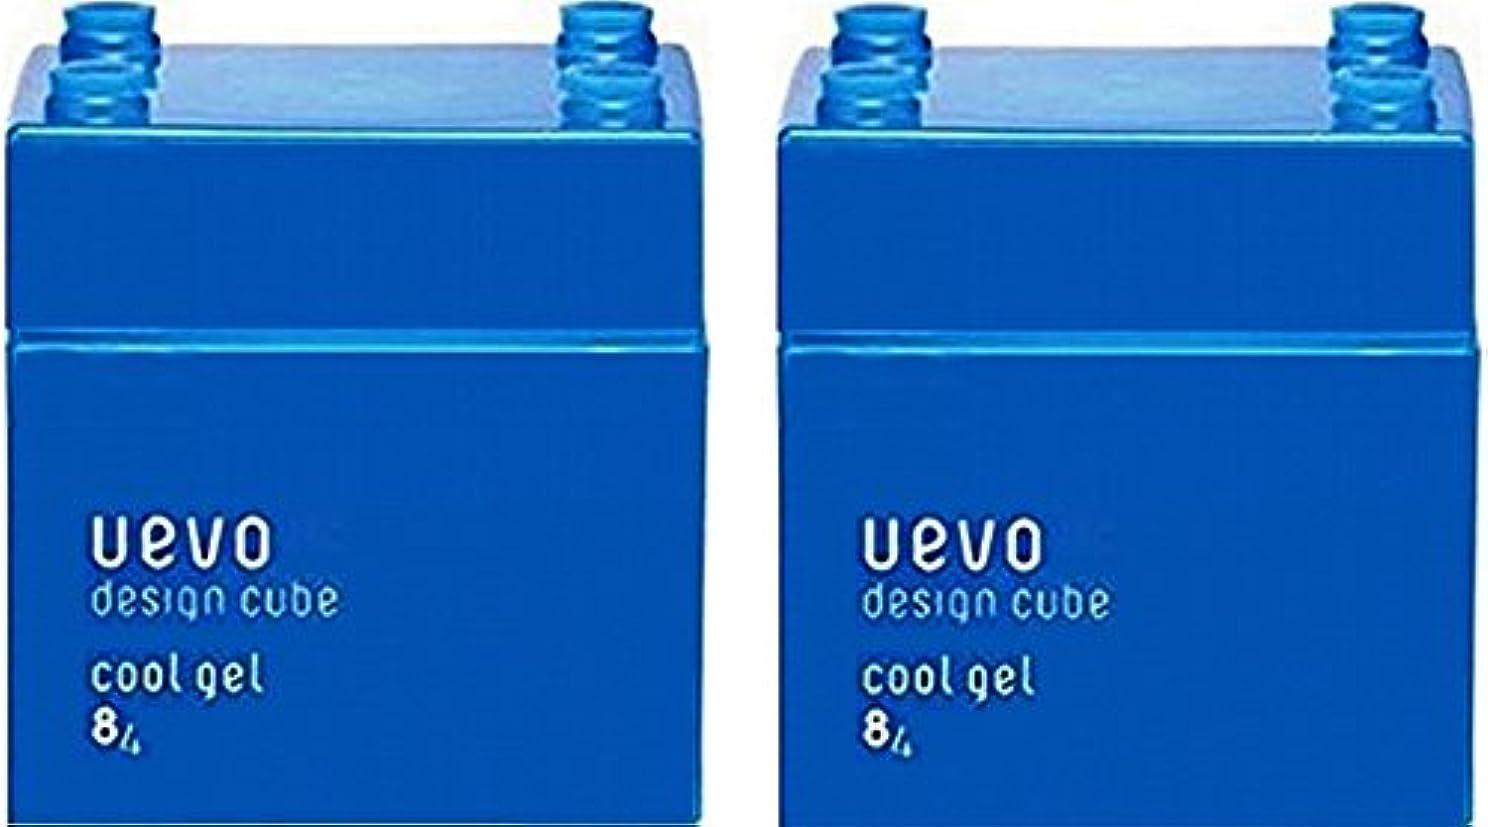 ミュージカル困惑乱闘【X2個セット】 デミ ウェーボ デザインキューブ クールジェル 80g cool gel DEMI uevo design cube